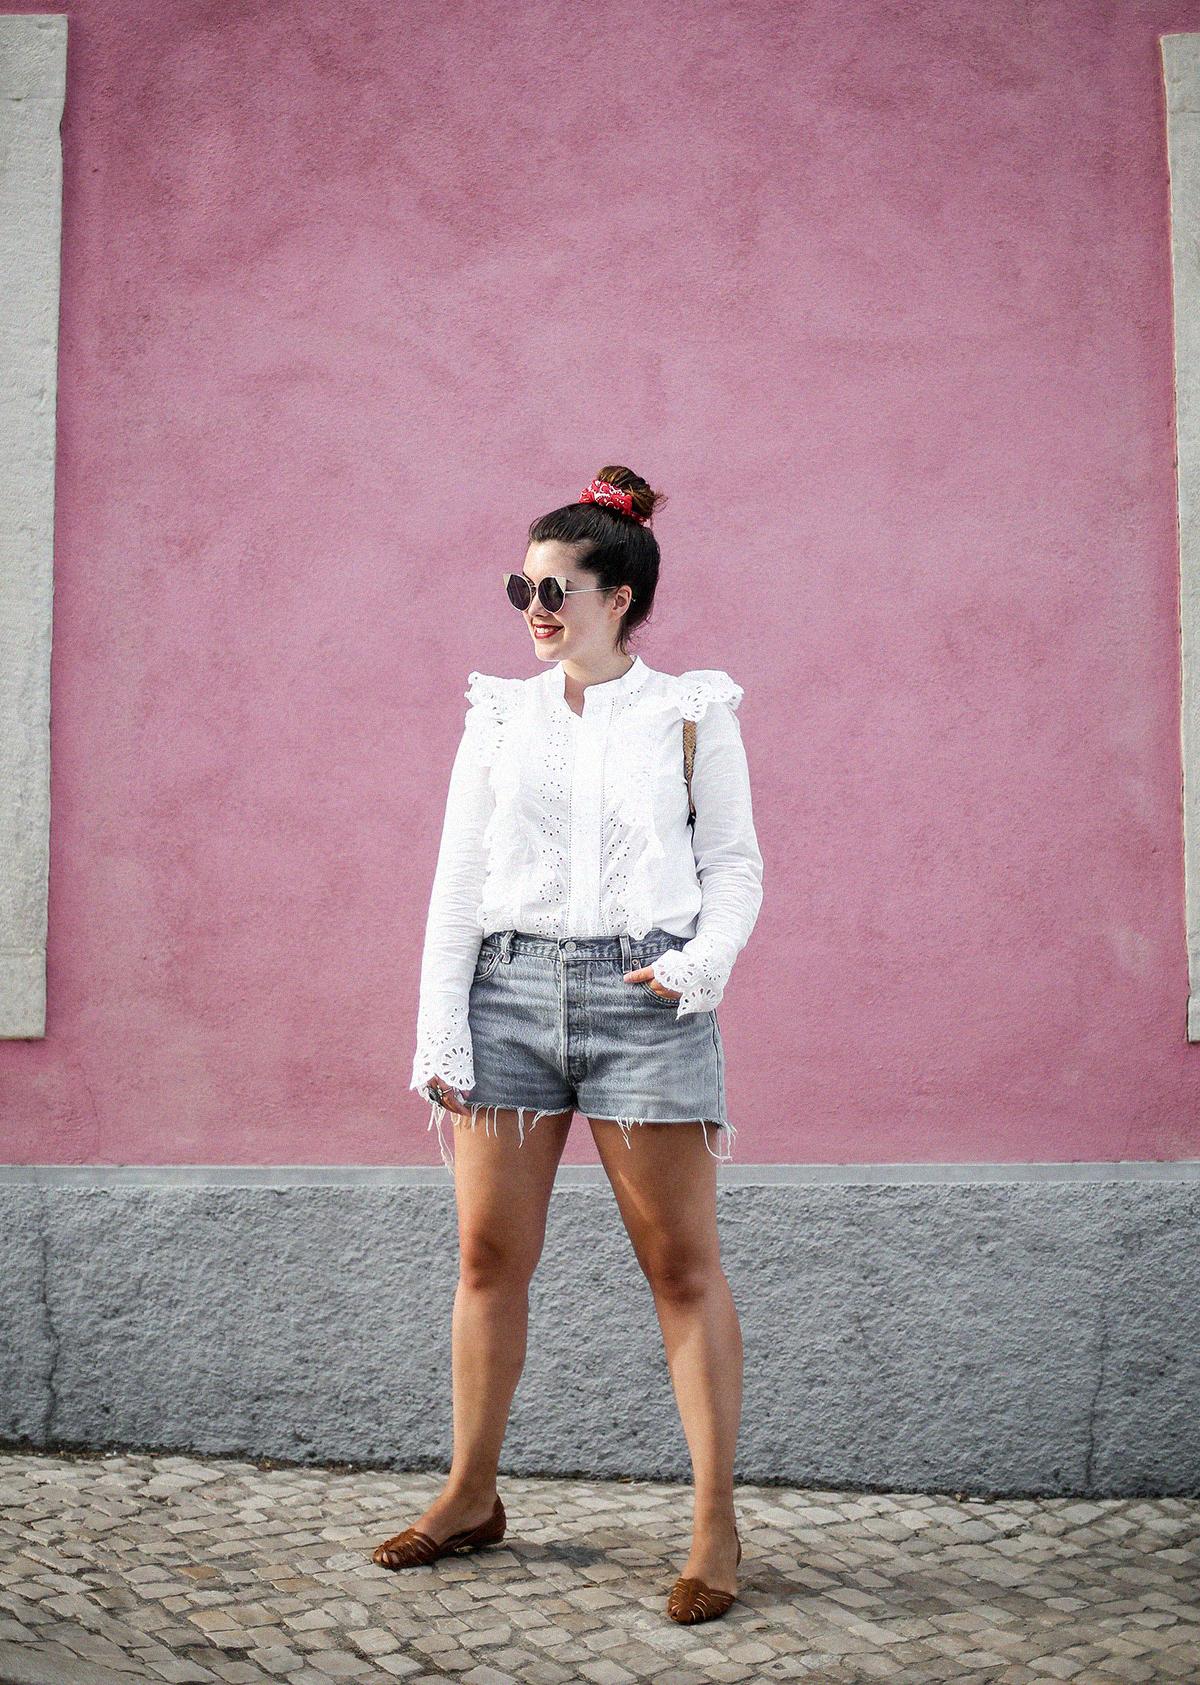 pañuelo-cabe-zacamisa-volantes-shorts-levis-outfit-myblueberrynighsblog-lisboa